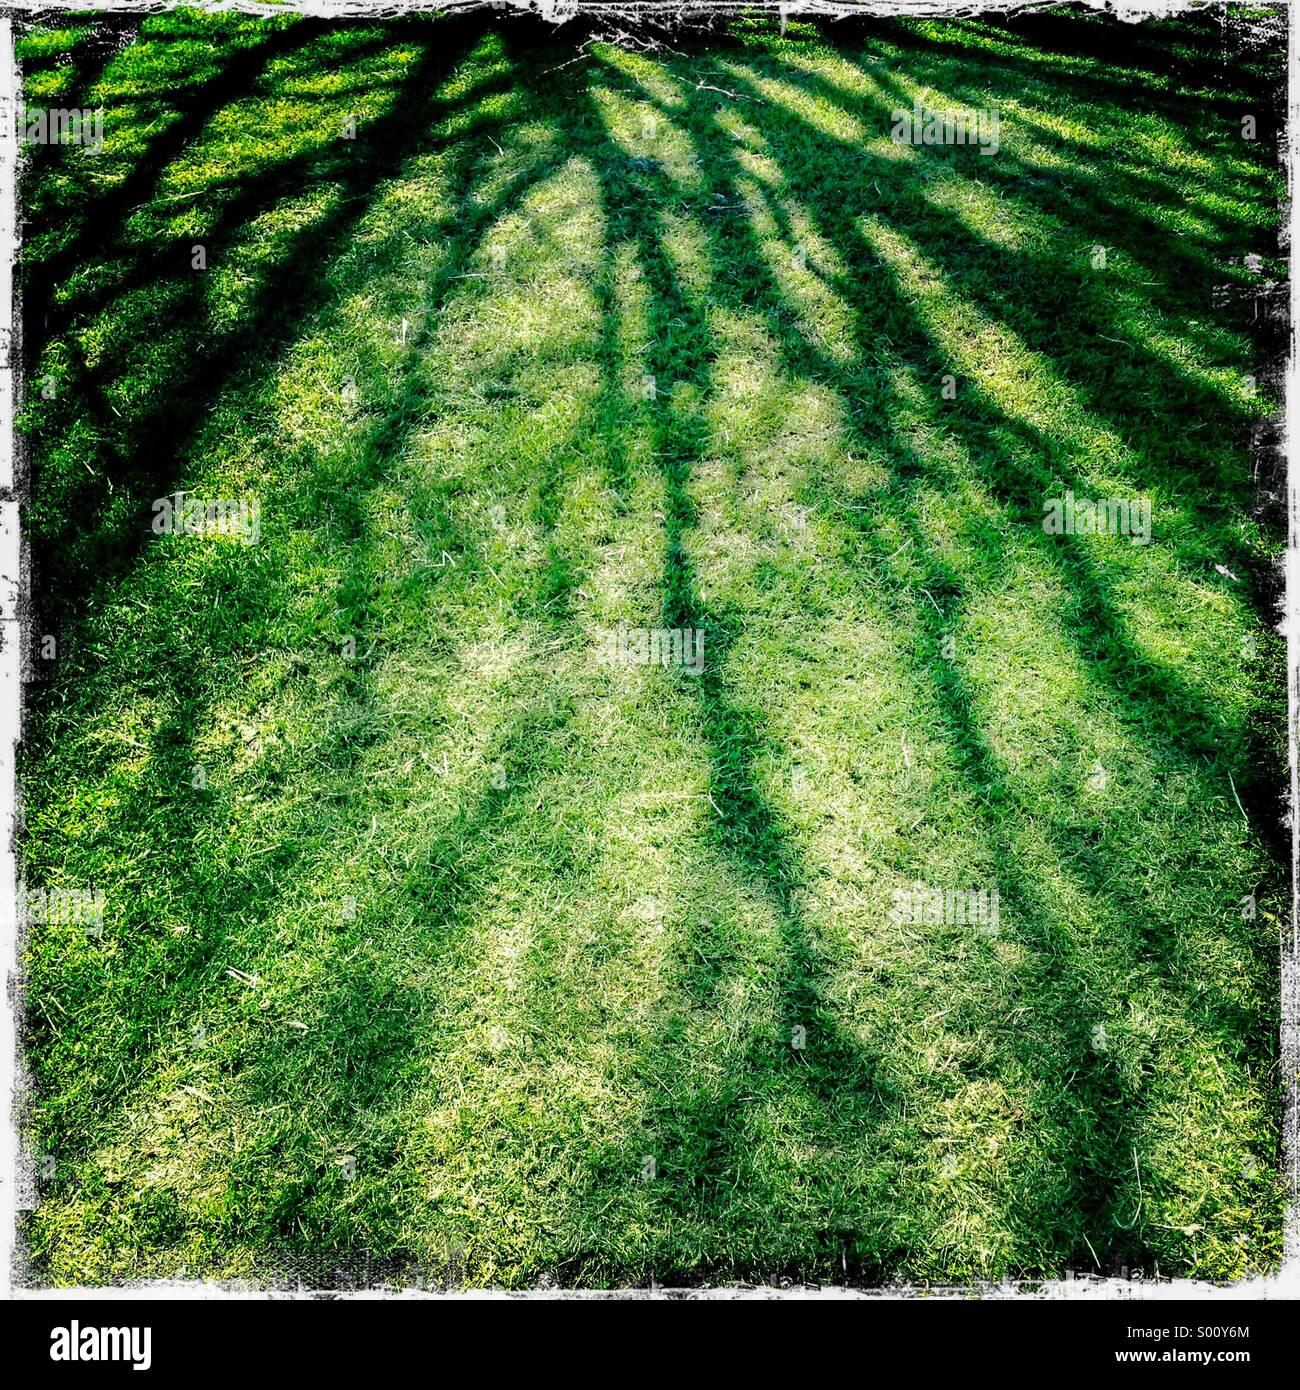 Resumen de las ramas de árbol de sombra sobre el césped. Hipstamatic, iPhone. Imagen De Stock